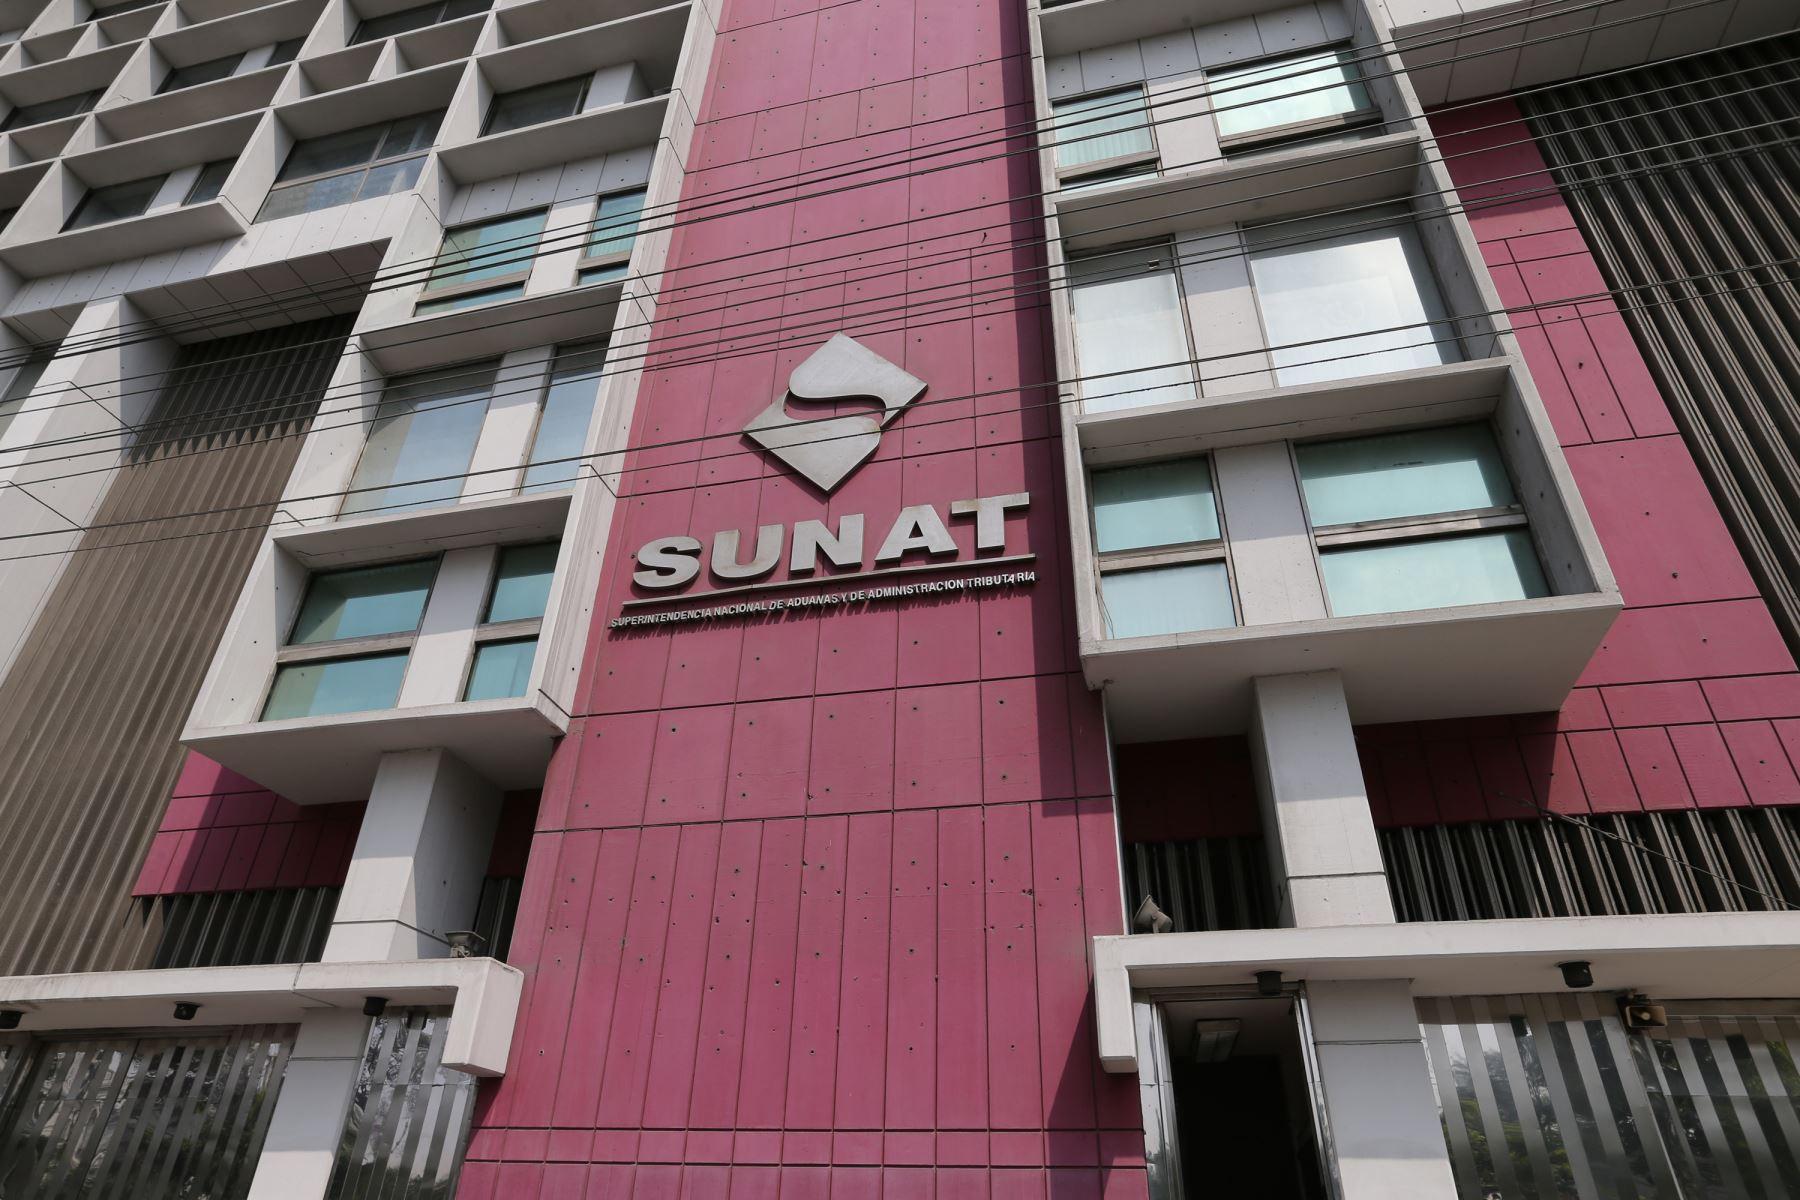 sunat-extendio-postergacion-de-las-obligaciones-tributarias-mensuales